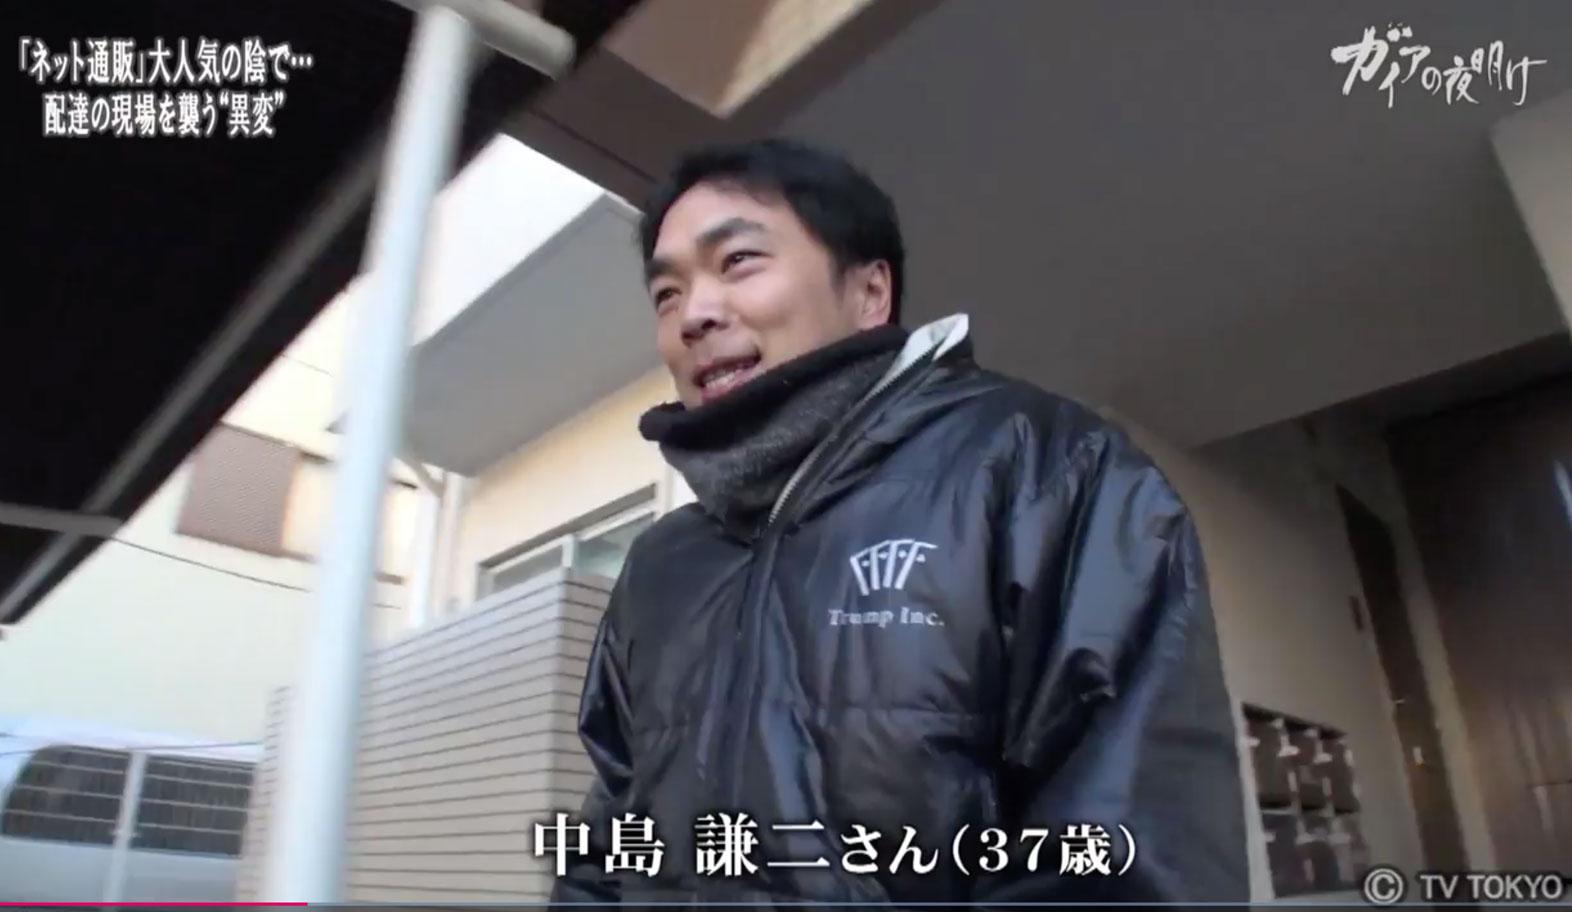 株式会社トランプ,ガイアの夜明け,矢作和徳,中島謙二